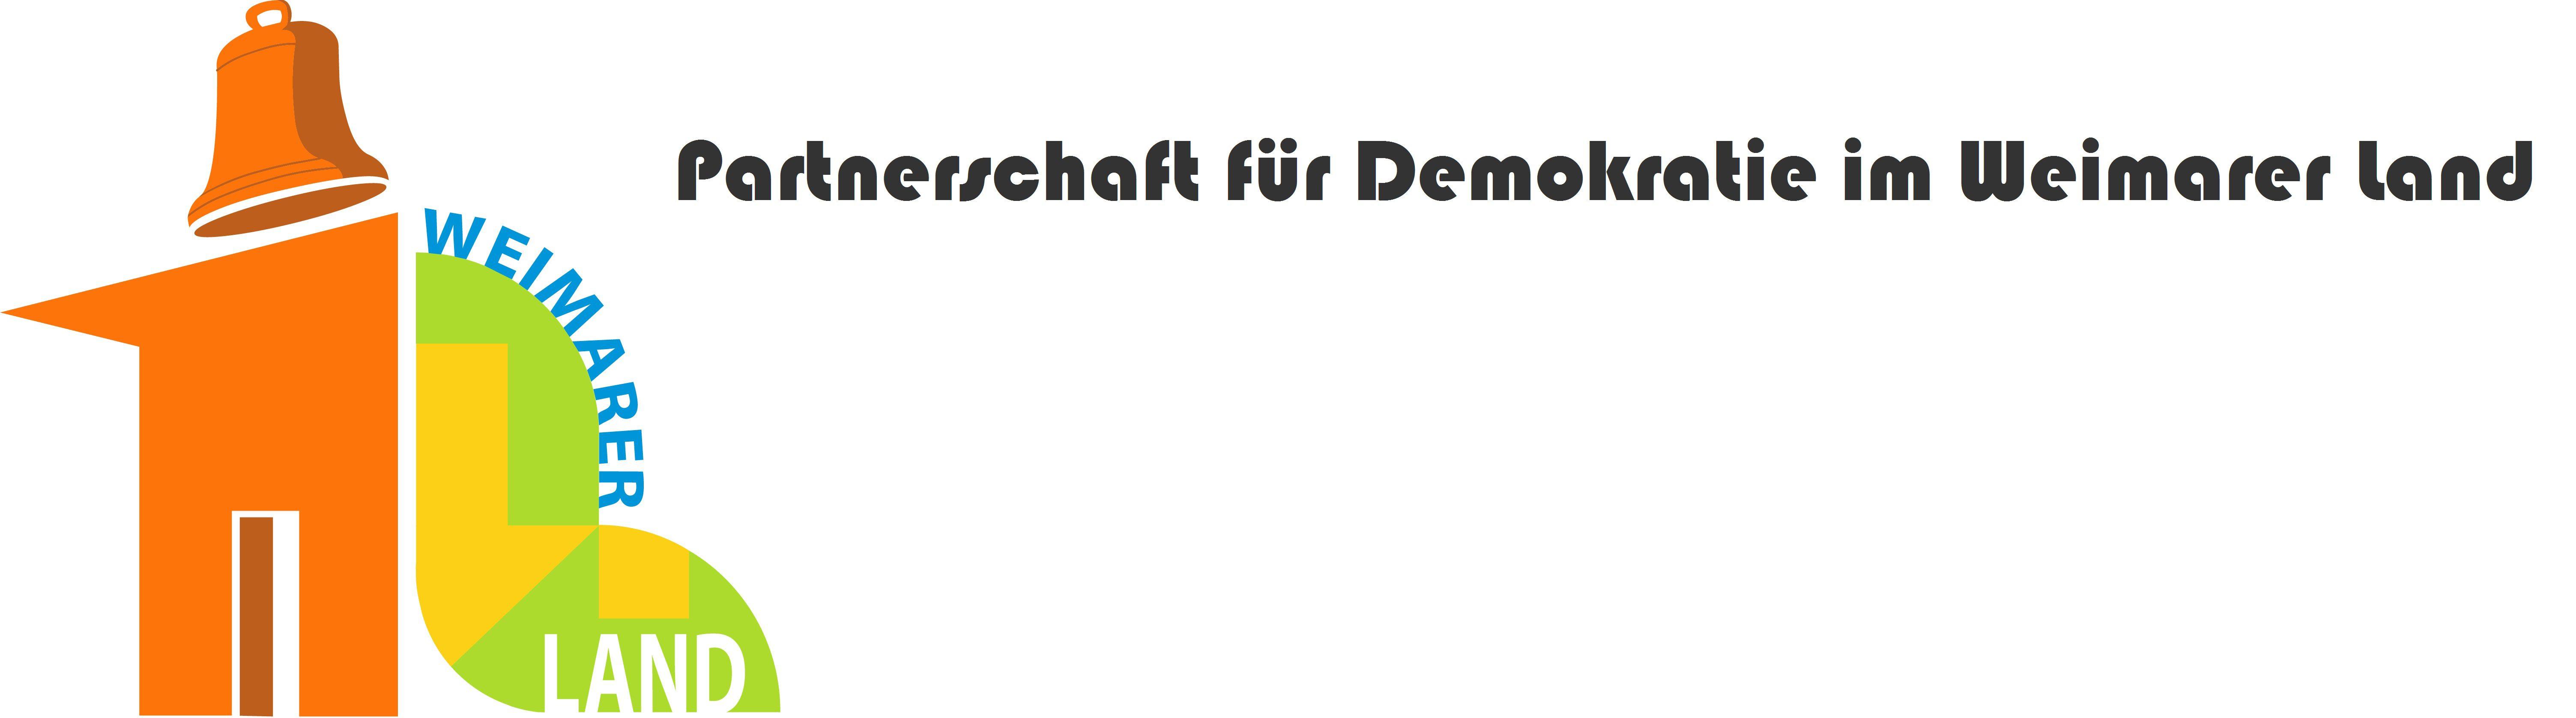 Partnerschaft für Demokratie  Apolda / Weimarer Land